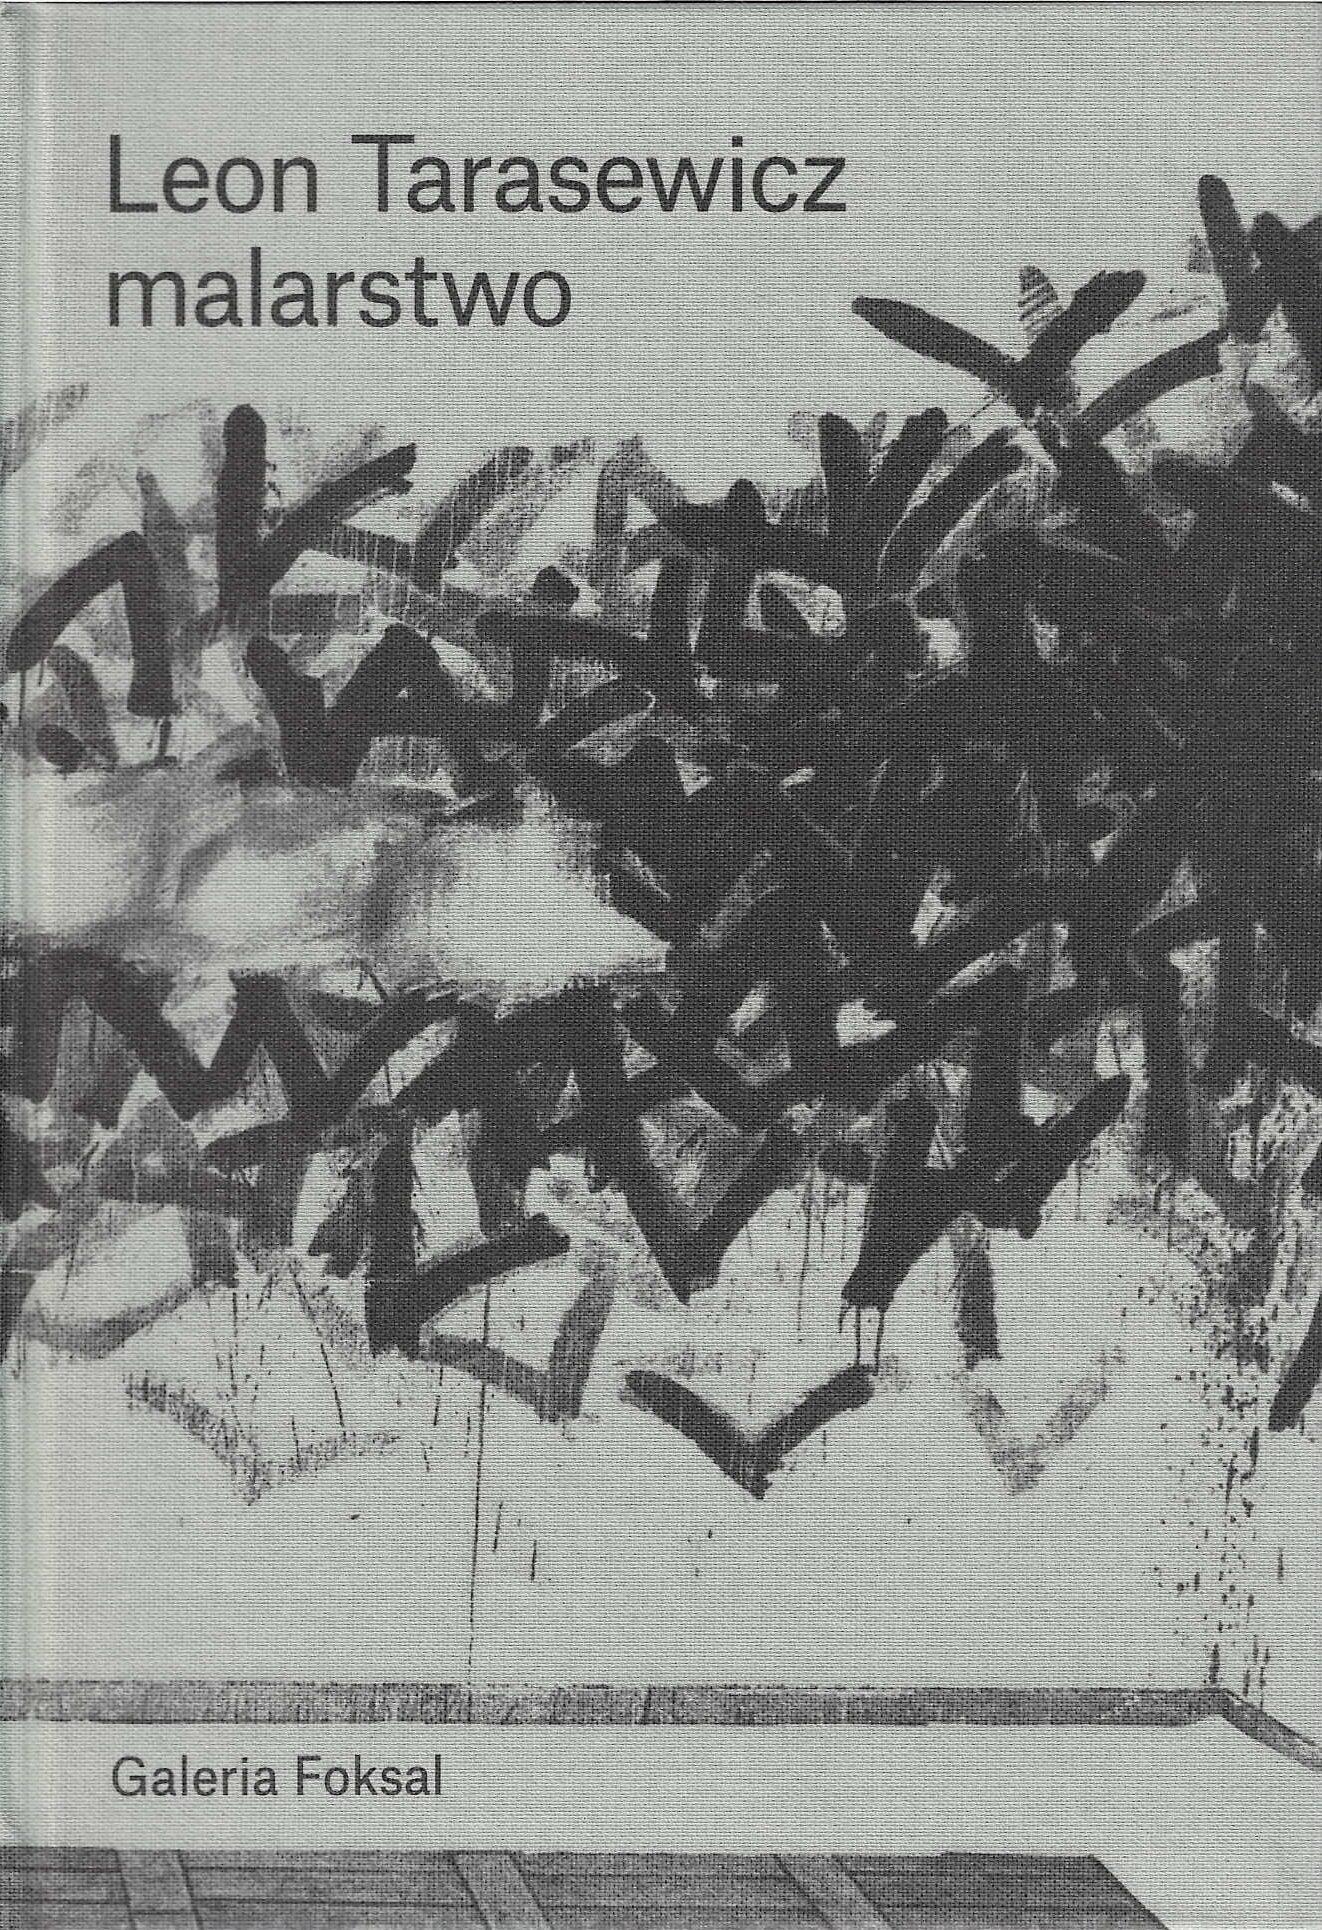 okładka książki - Leon Tarasewicz. Malarstwo